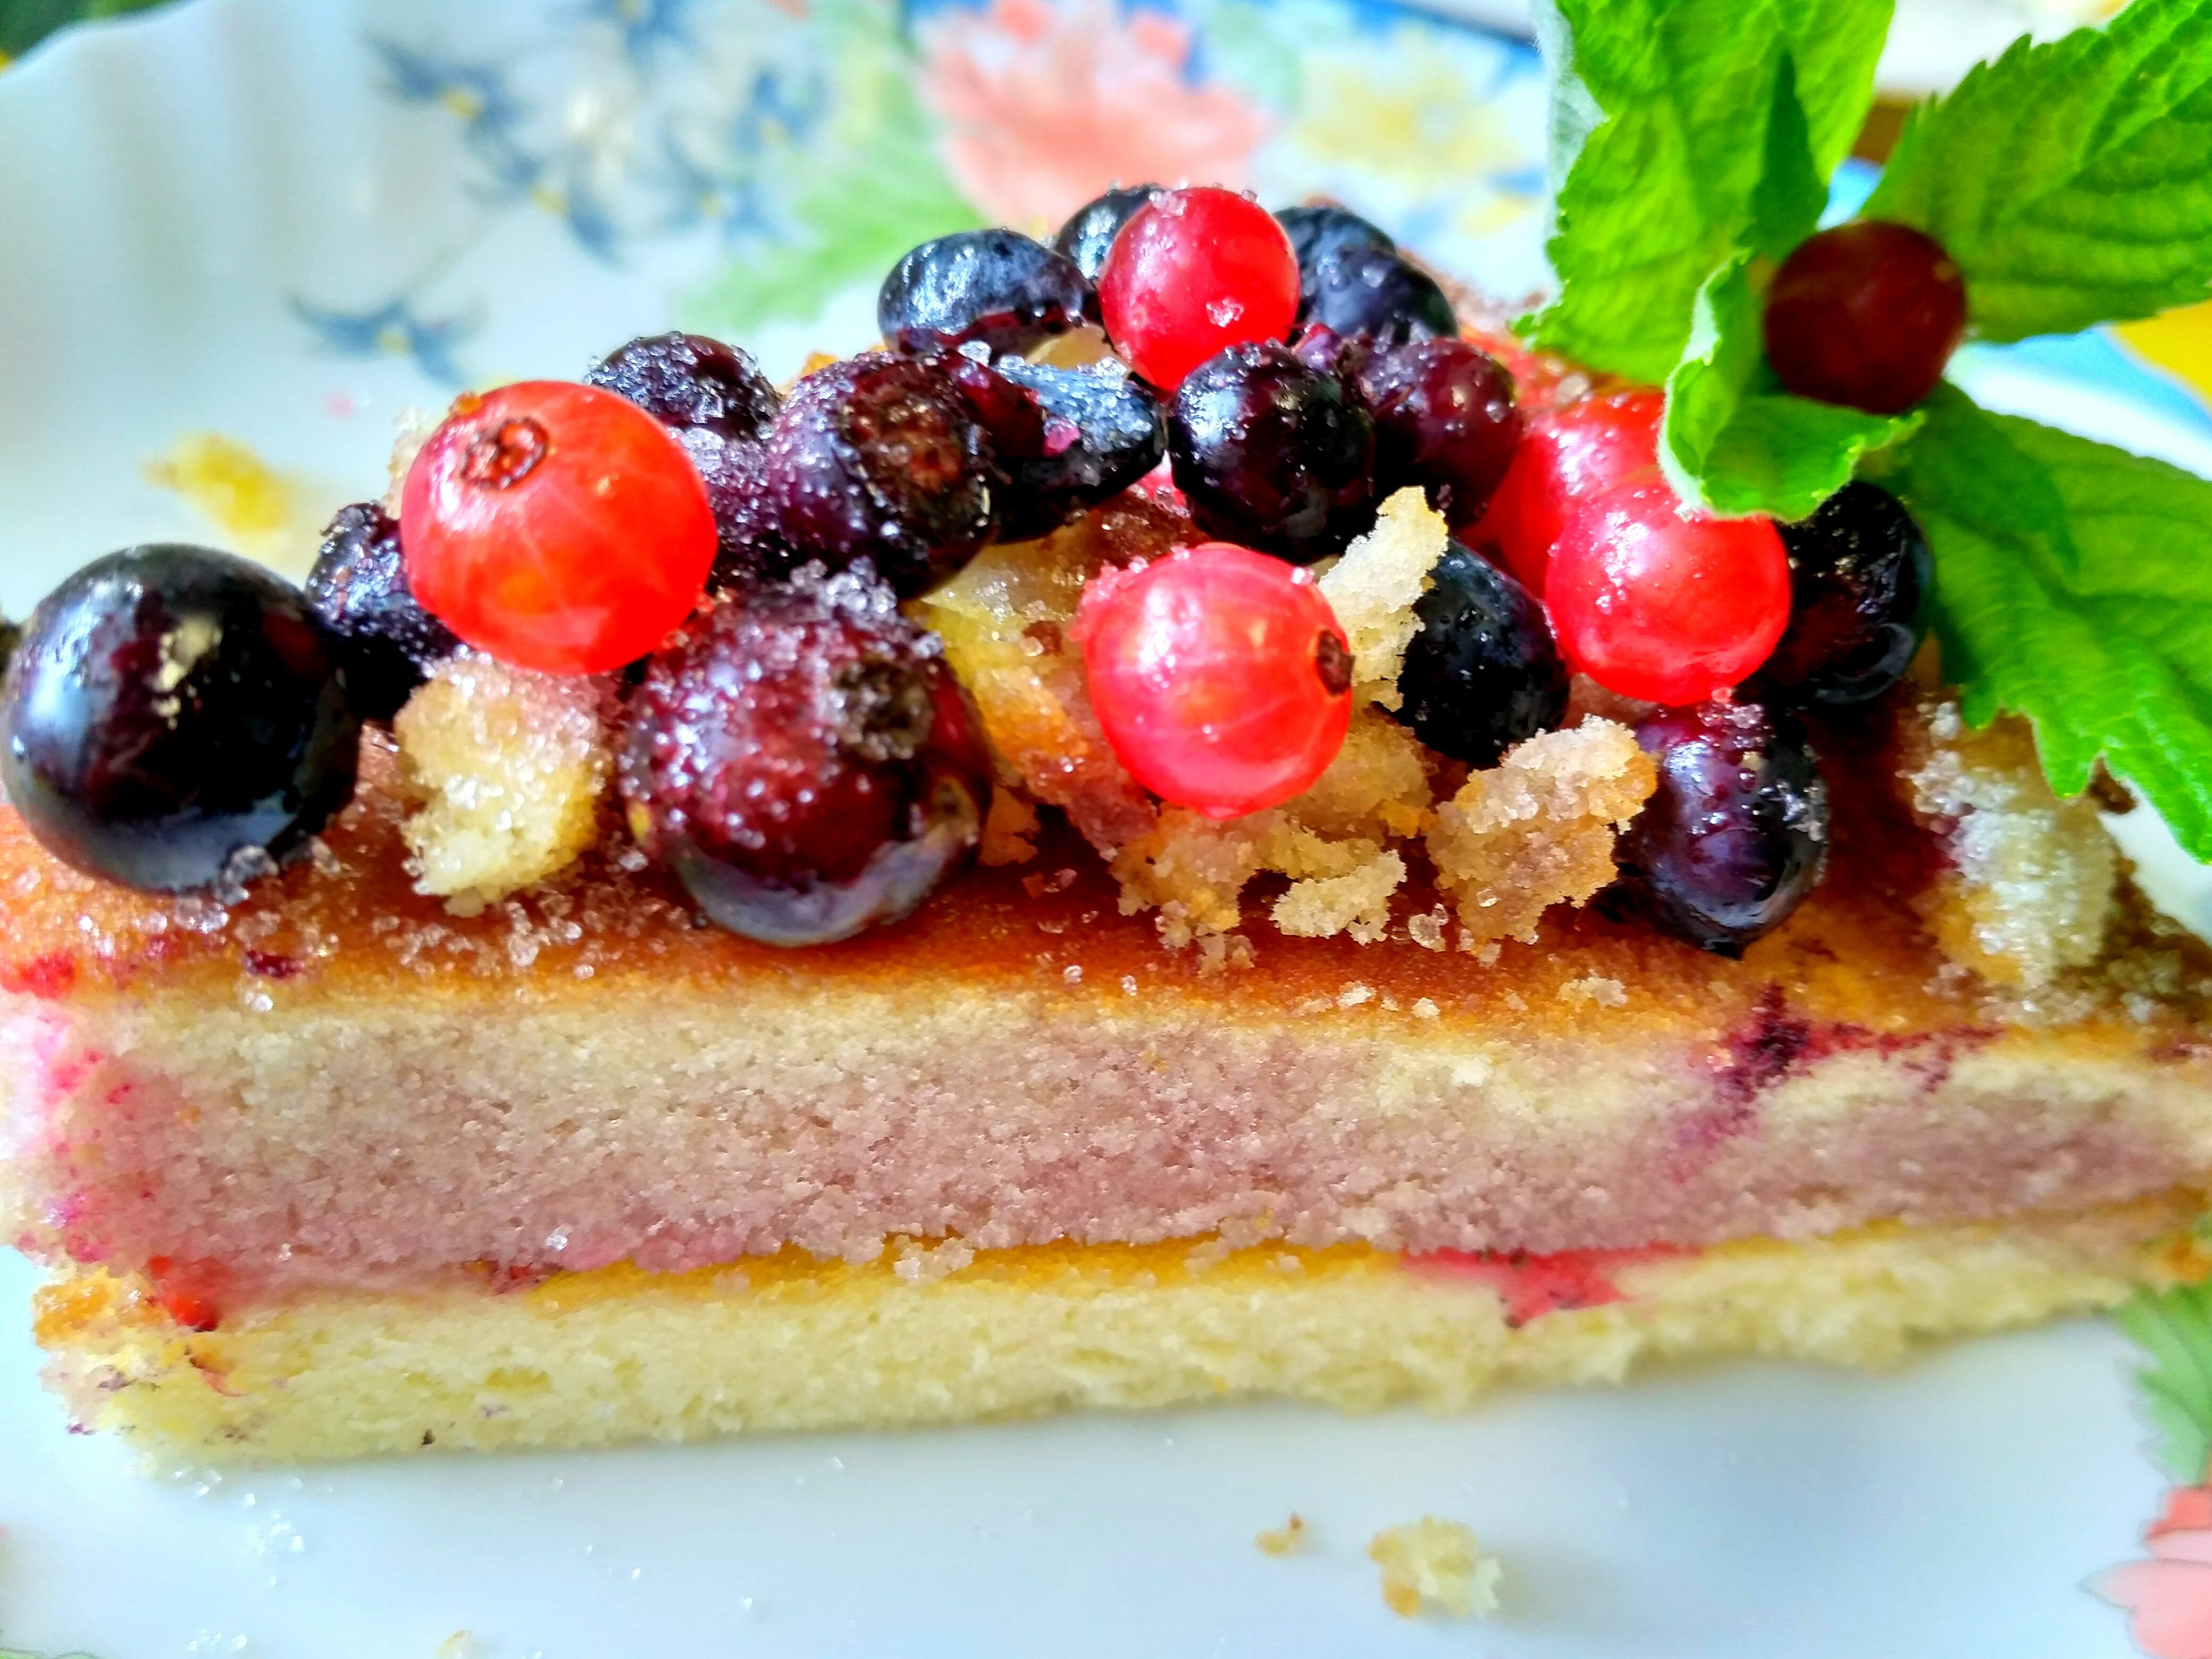 кусок пирога с ягодами